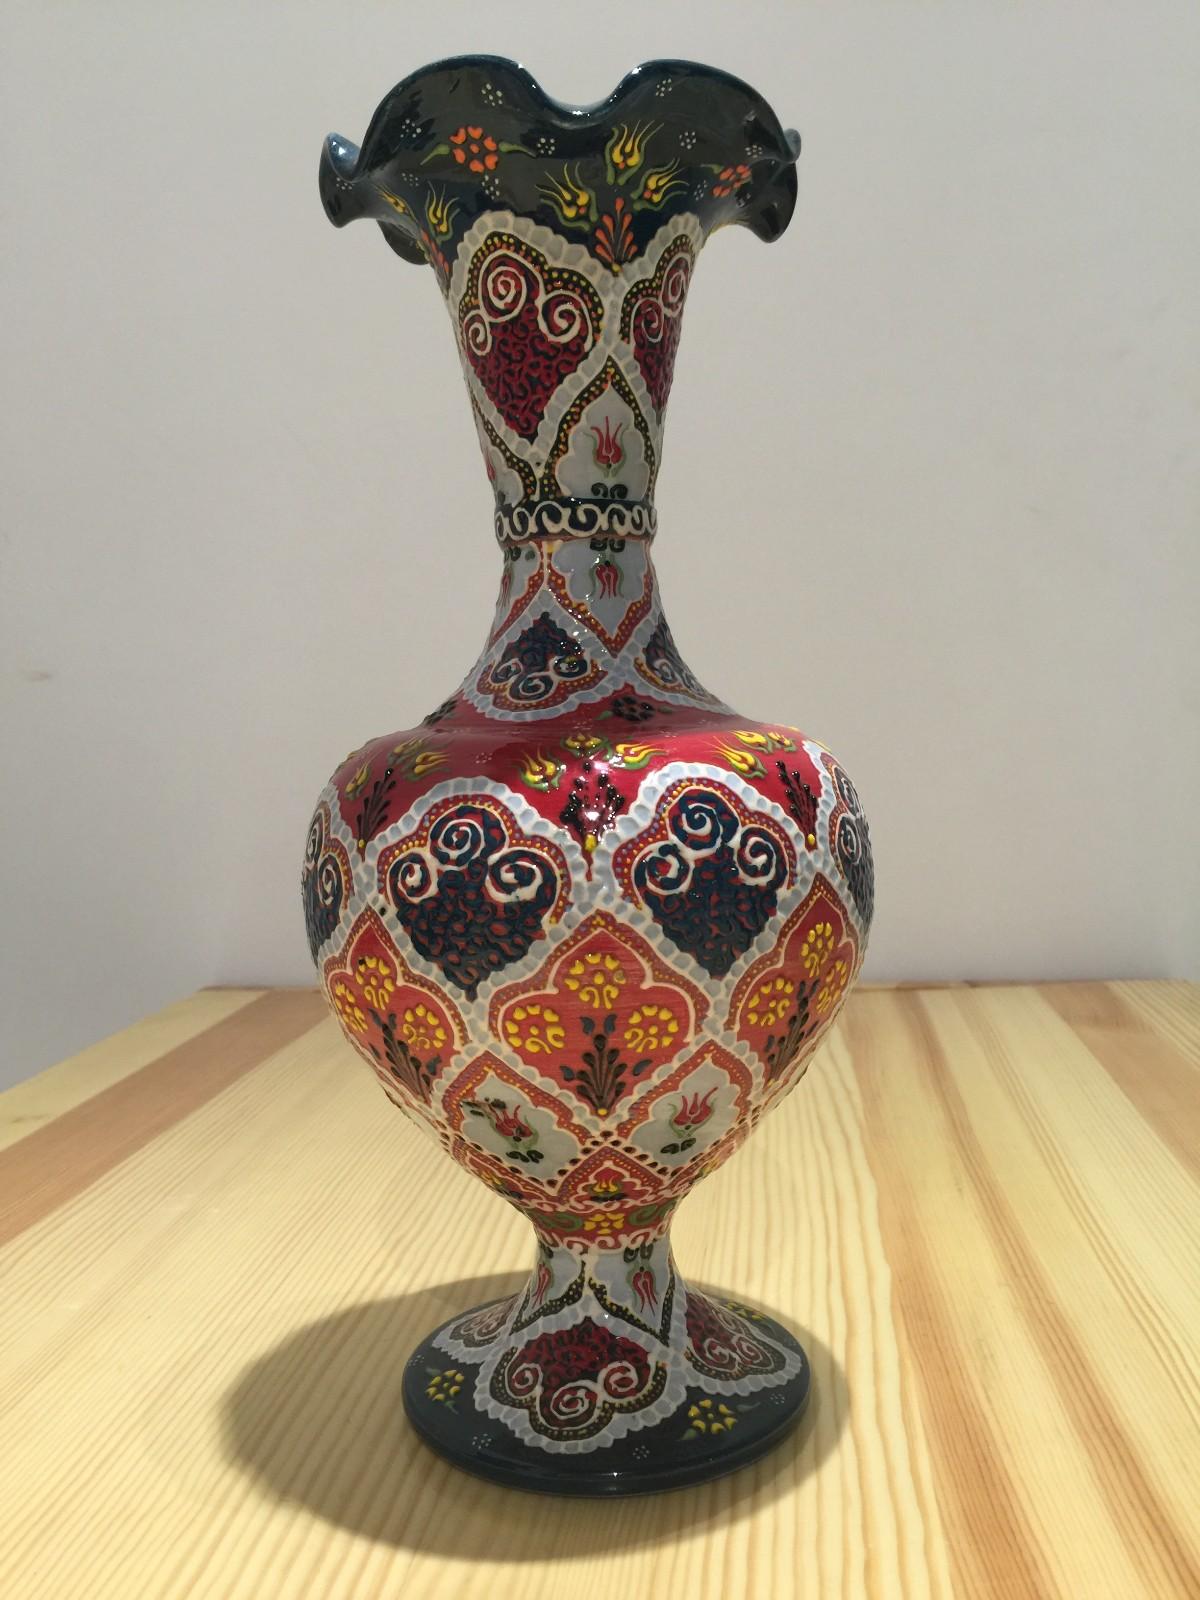 土耳其精品陶艺工艺品 家装摆件 花瓶图片三